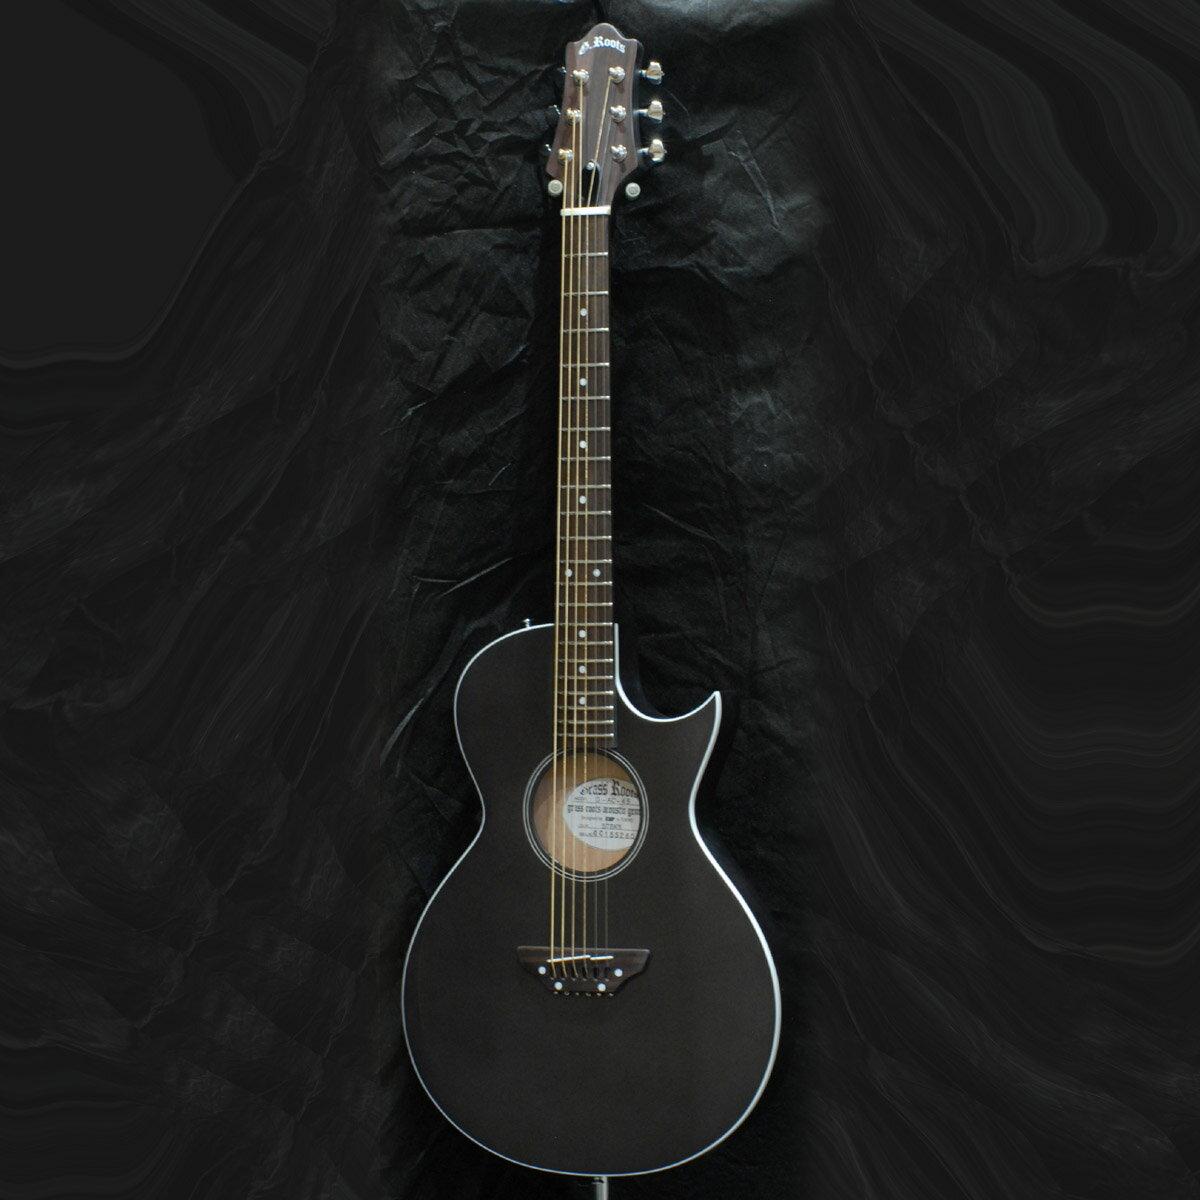 【ふるさと納税】アコースティックギター G-AC-45 STBK SATIN